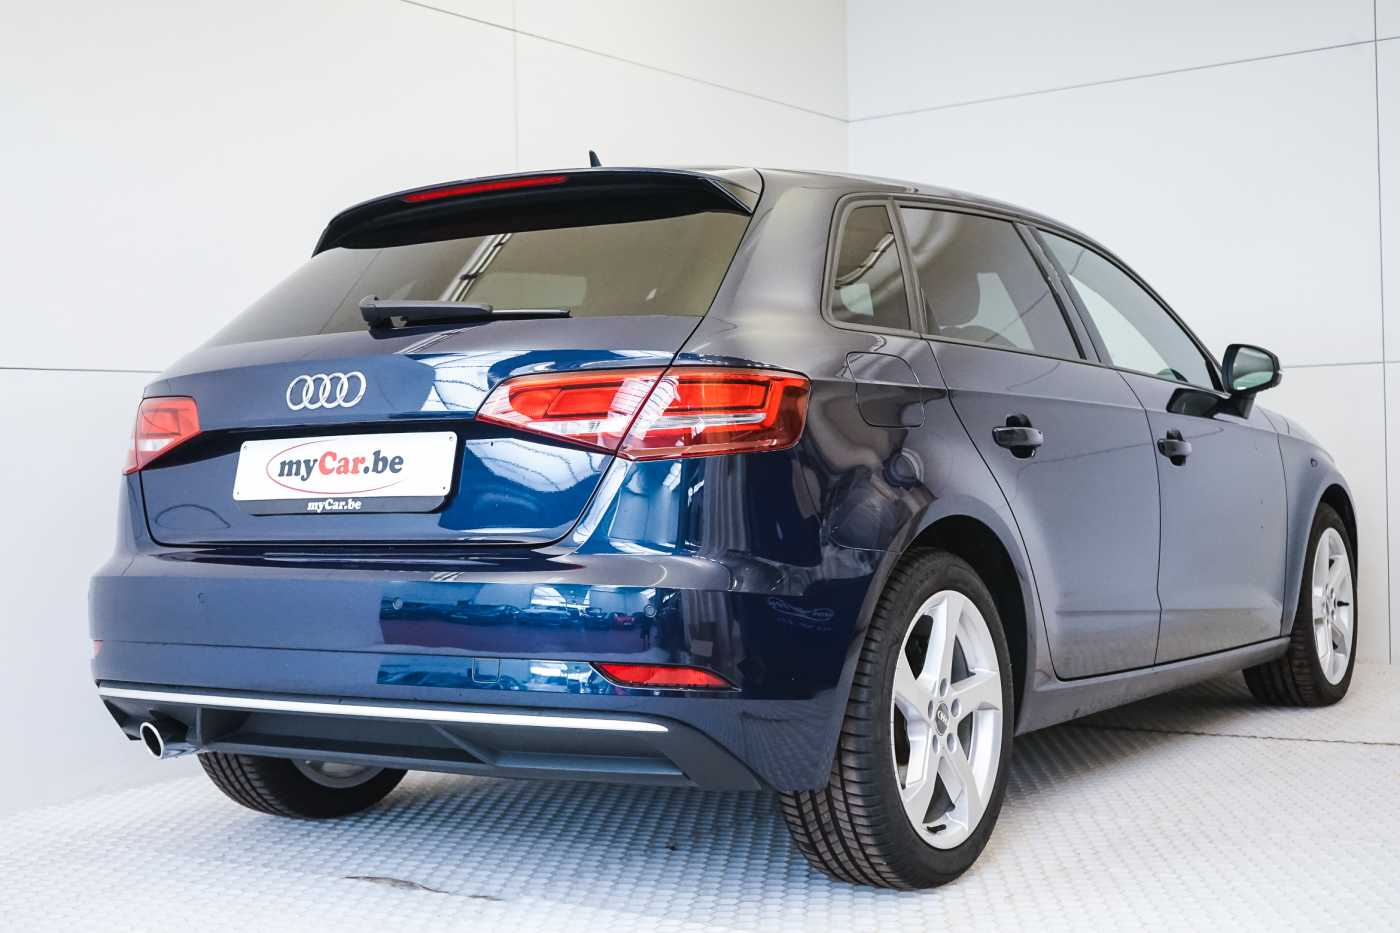 Audi A3 1.6 TDi Sport // dualzone airco, navi, zetelverwarming 4/33